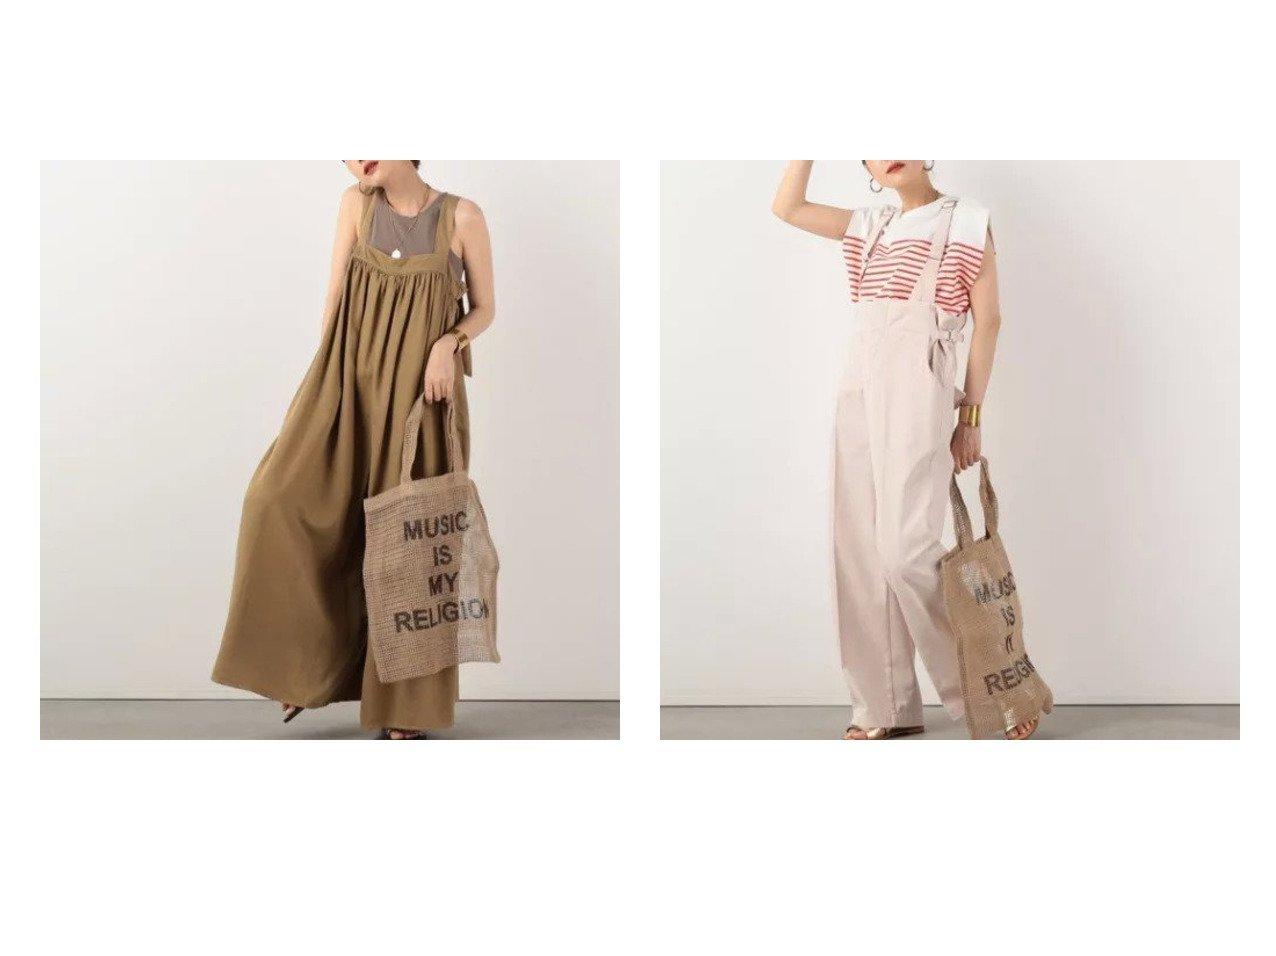 【NOLLEY'S/ノーリーズ】の【ヘルシー】Millet オールインワン&【 サージ 】サロペット 【ワンピース・ドレス】おすすめ!人気、トレンド・レディースファッションの通販 おすすめで人気の流行・トレンド、ファッションの通販商品 インテリア・家具・メンズファッション・キッズファッション・レディースファッション・服の通販 founy(ファニー) https://founy.com/ ファッション Fashion レディースファッション WOMEN ワンピース Dress オールインワン ワンピース All In One Dress サロペット Salopette シンプル デニム トレンド ワイド オイル ヴィンテージ コレクション 抗菌 サスペンダー サロペット シューズ ジーンズ ファブリック メンズ モダン おすすめ Recommend  ID:crp329100000054616